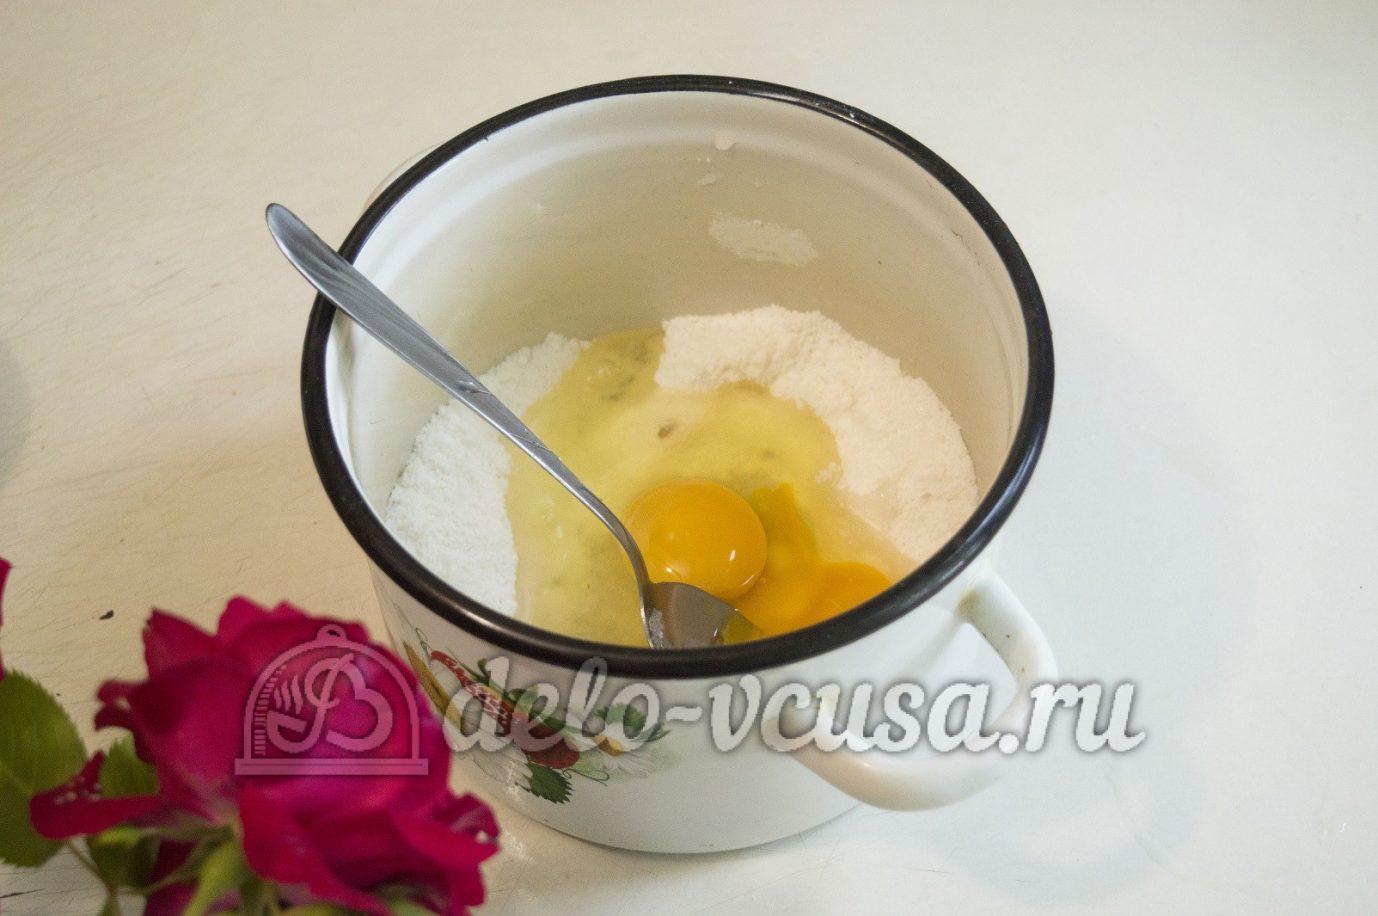 Пирог с клубникой и заварным кремом: Растереть яйцо с крахмалом и сахаром